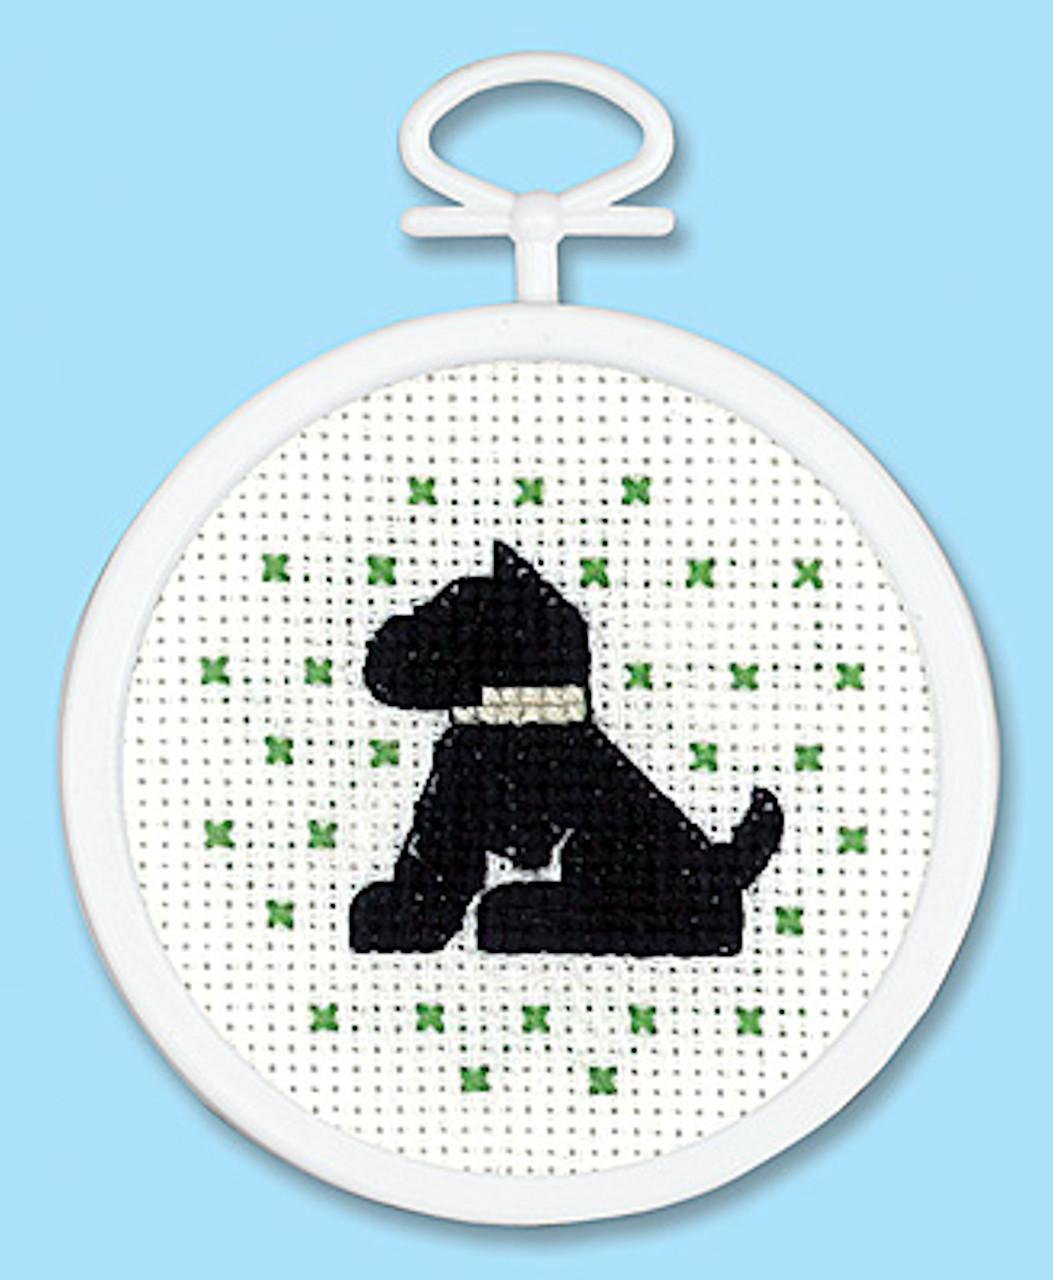 Doggie Cross Stitch Kti with Hoop by Janlynn